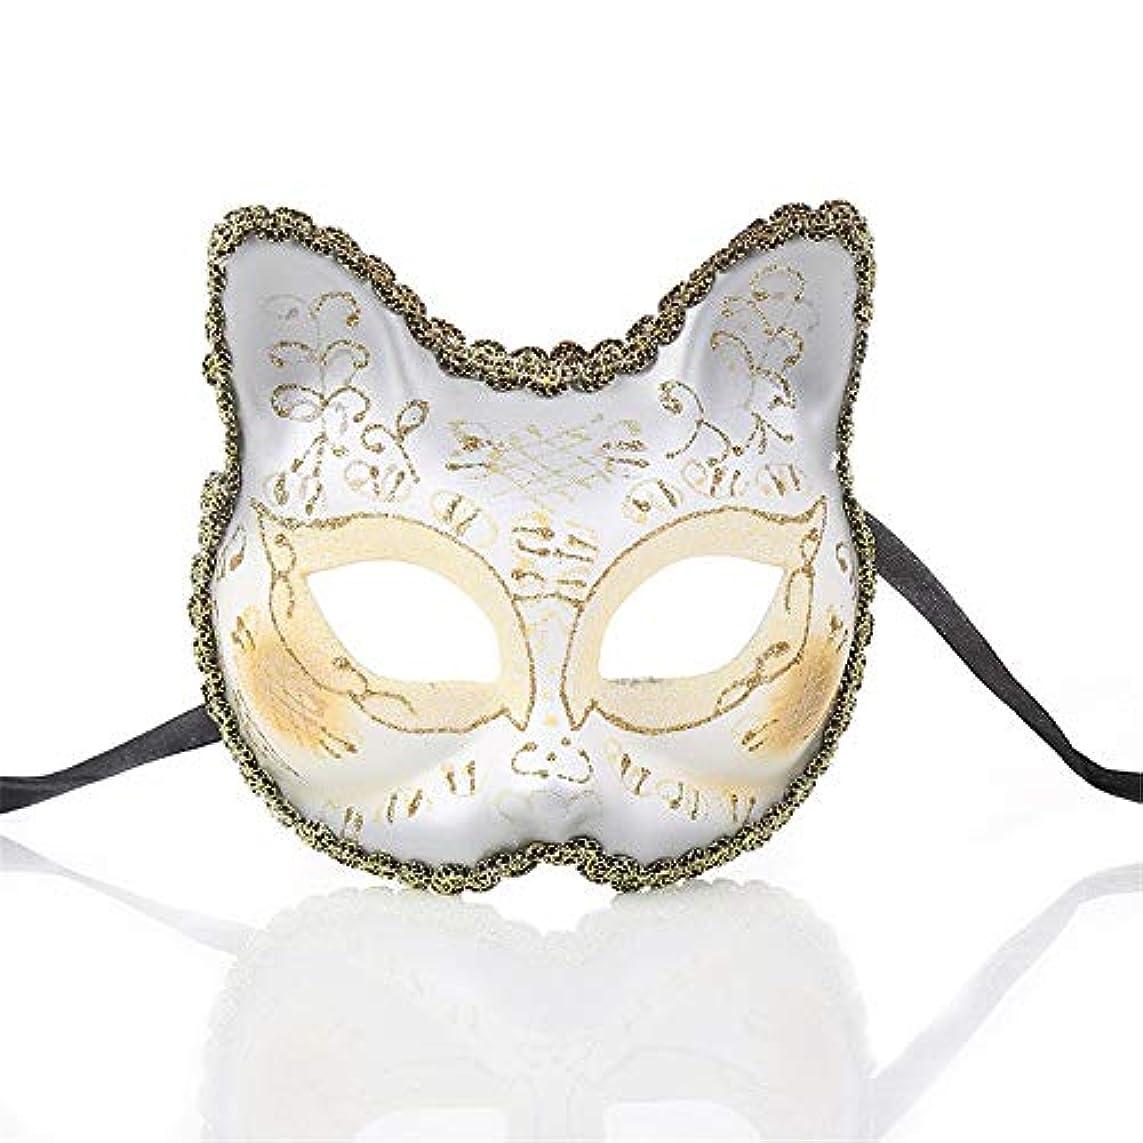 ポルノ議論する禁止するダンスマスク ワイルドマスカレードロールプレイングパーティーの小道具ナイトクラブのマスクの雰囲気クリスマスフェスティバルロールプレイングプラスチックマスク ホリデーパーティー用品 (色 : 白, サイズ : 13x13cm)